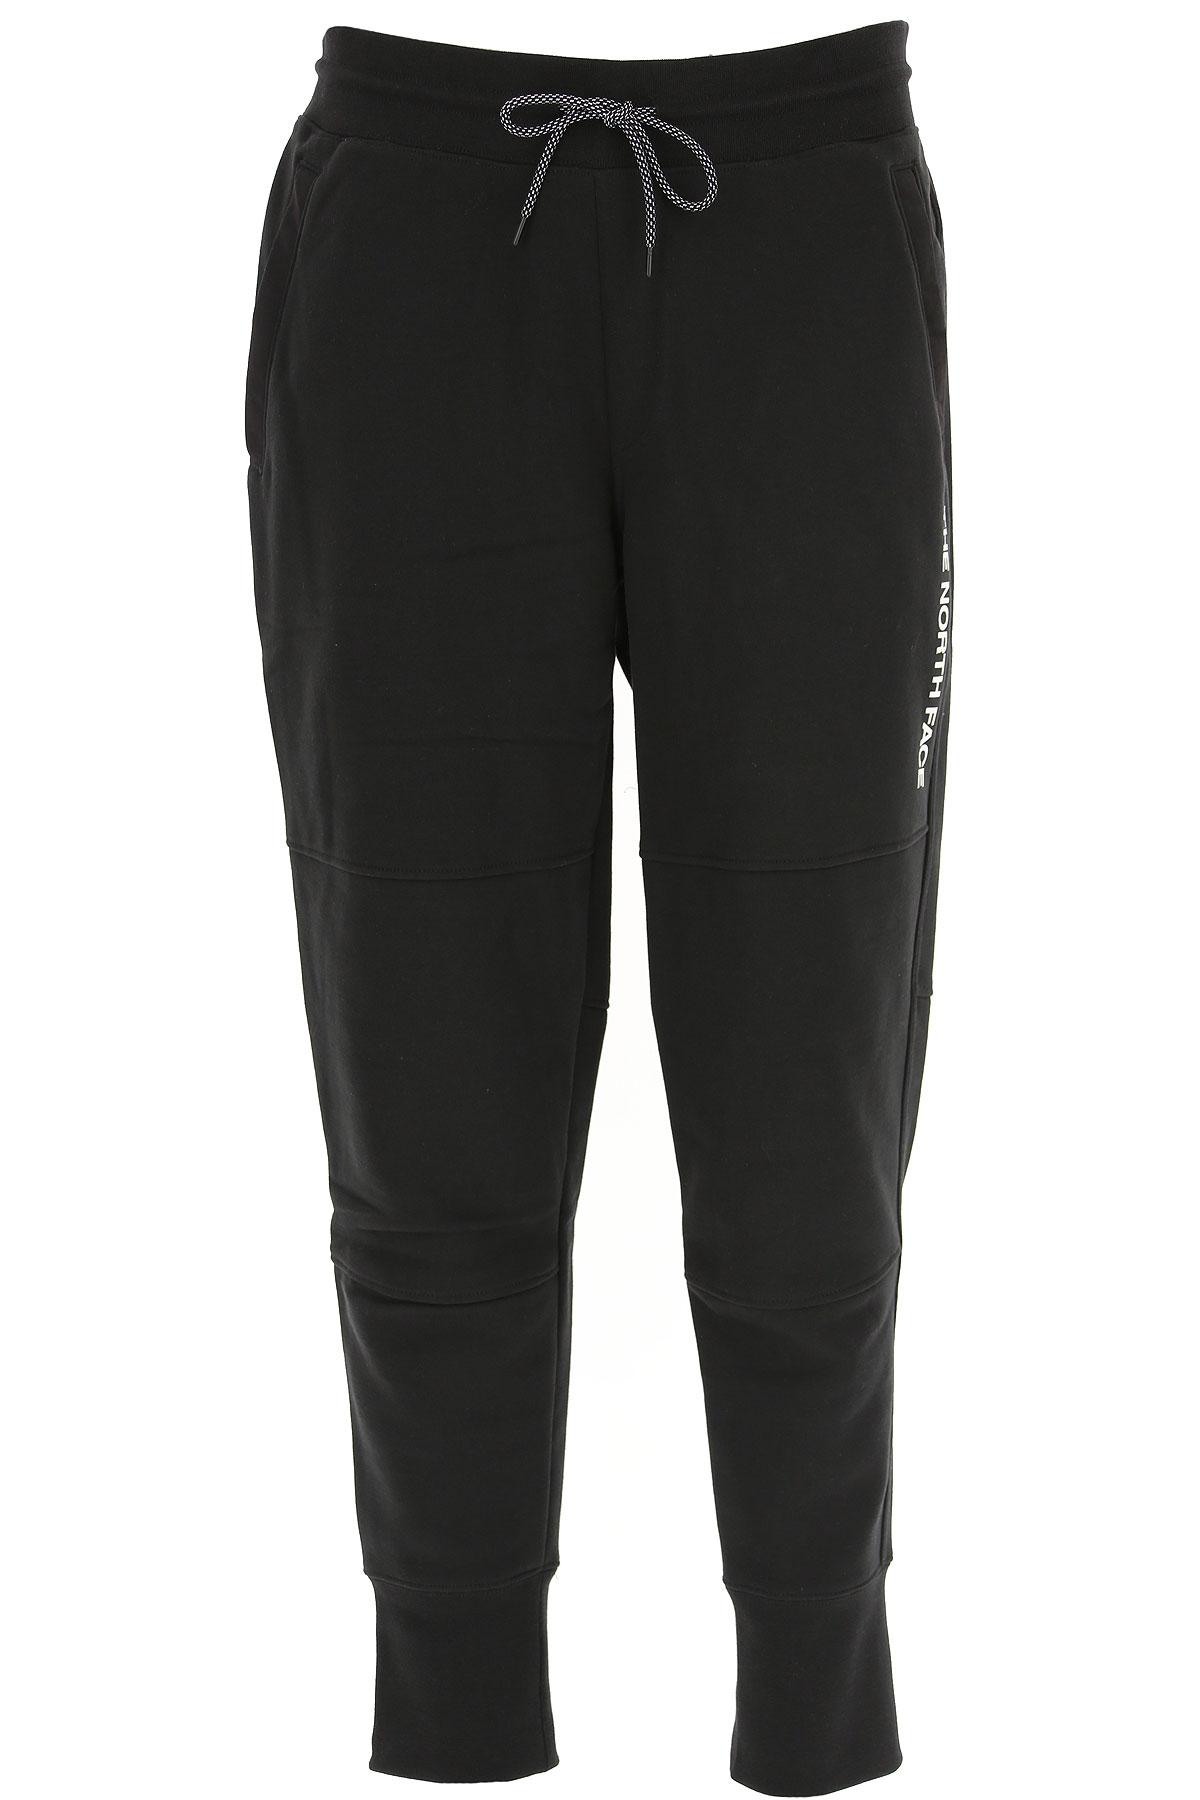 The North Face Pants for Men On Sale, Black, Cotton, 2019, M (EU 48) L (EU 50) XS (EU 44)